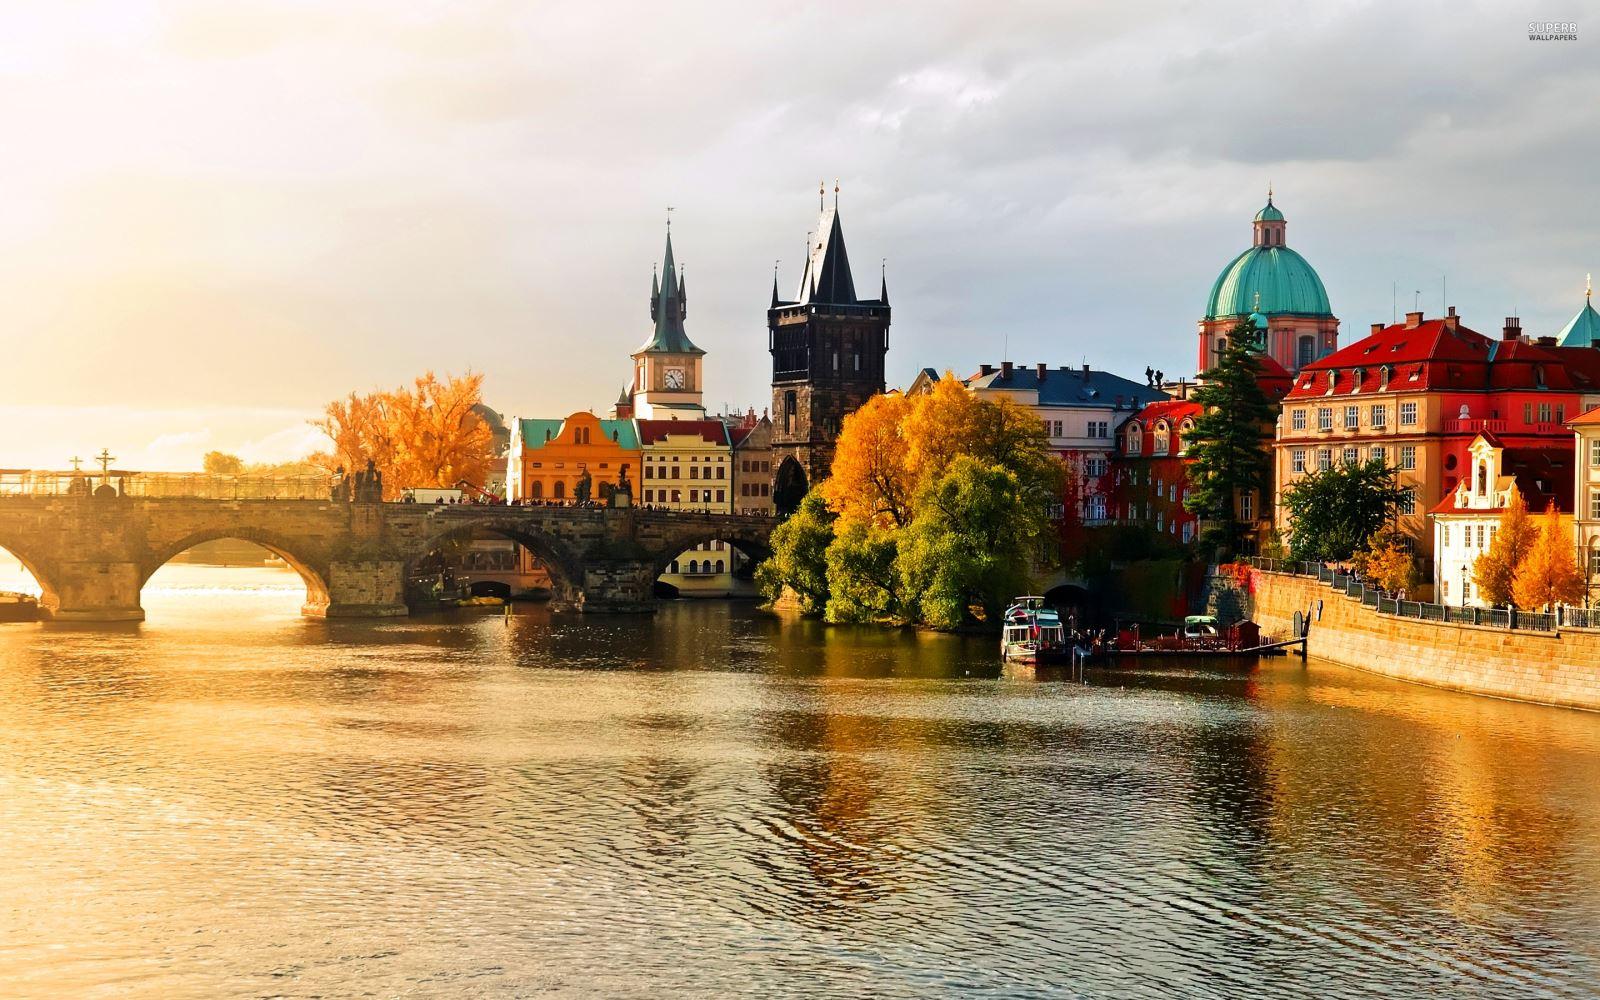 8 mẹo nhỏ nhưng hữu dụng khi đi du lịch bụi Châu Âu 1